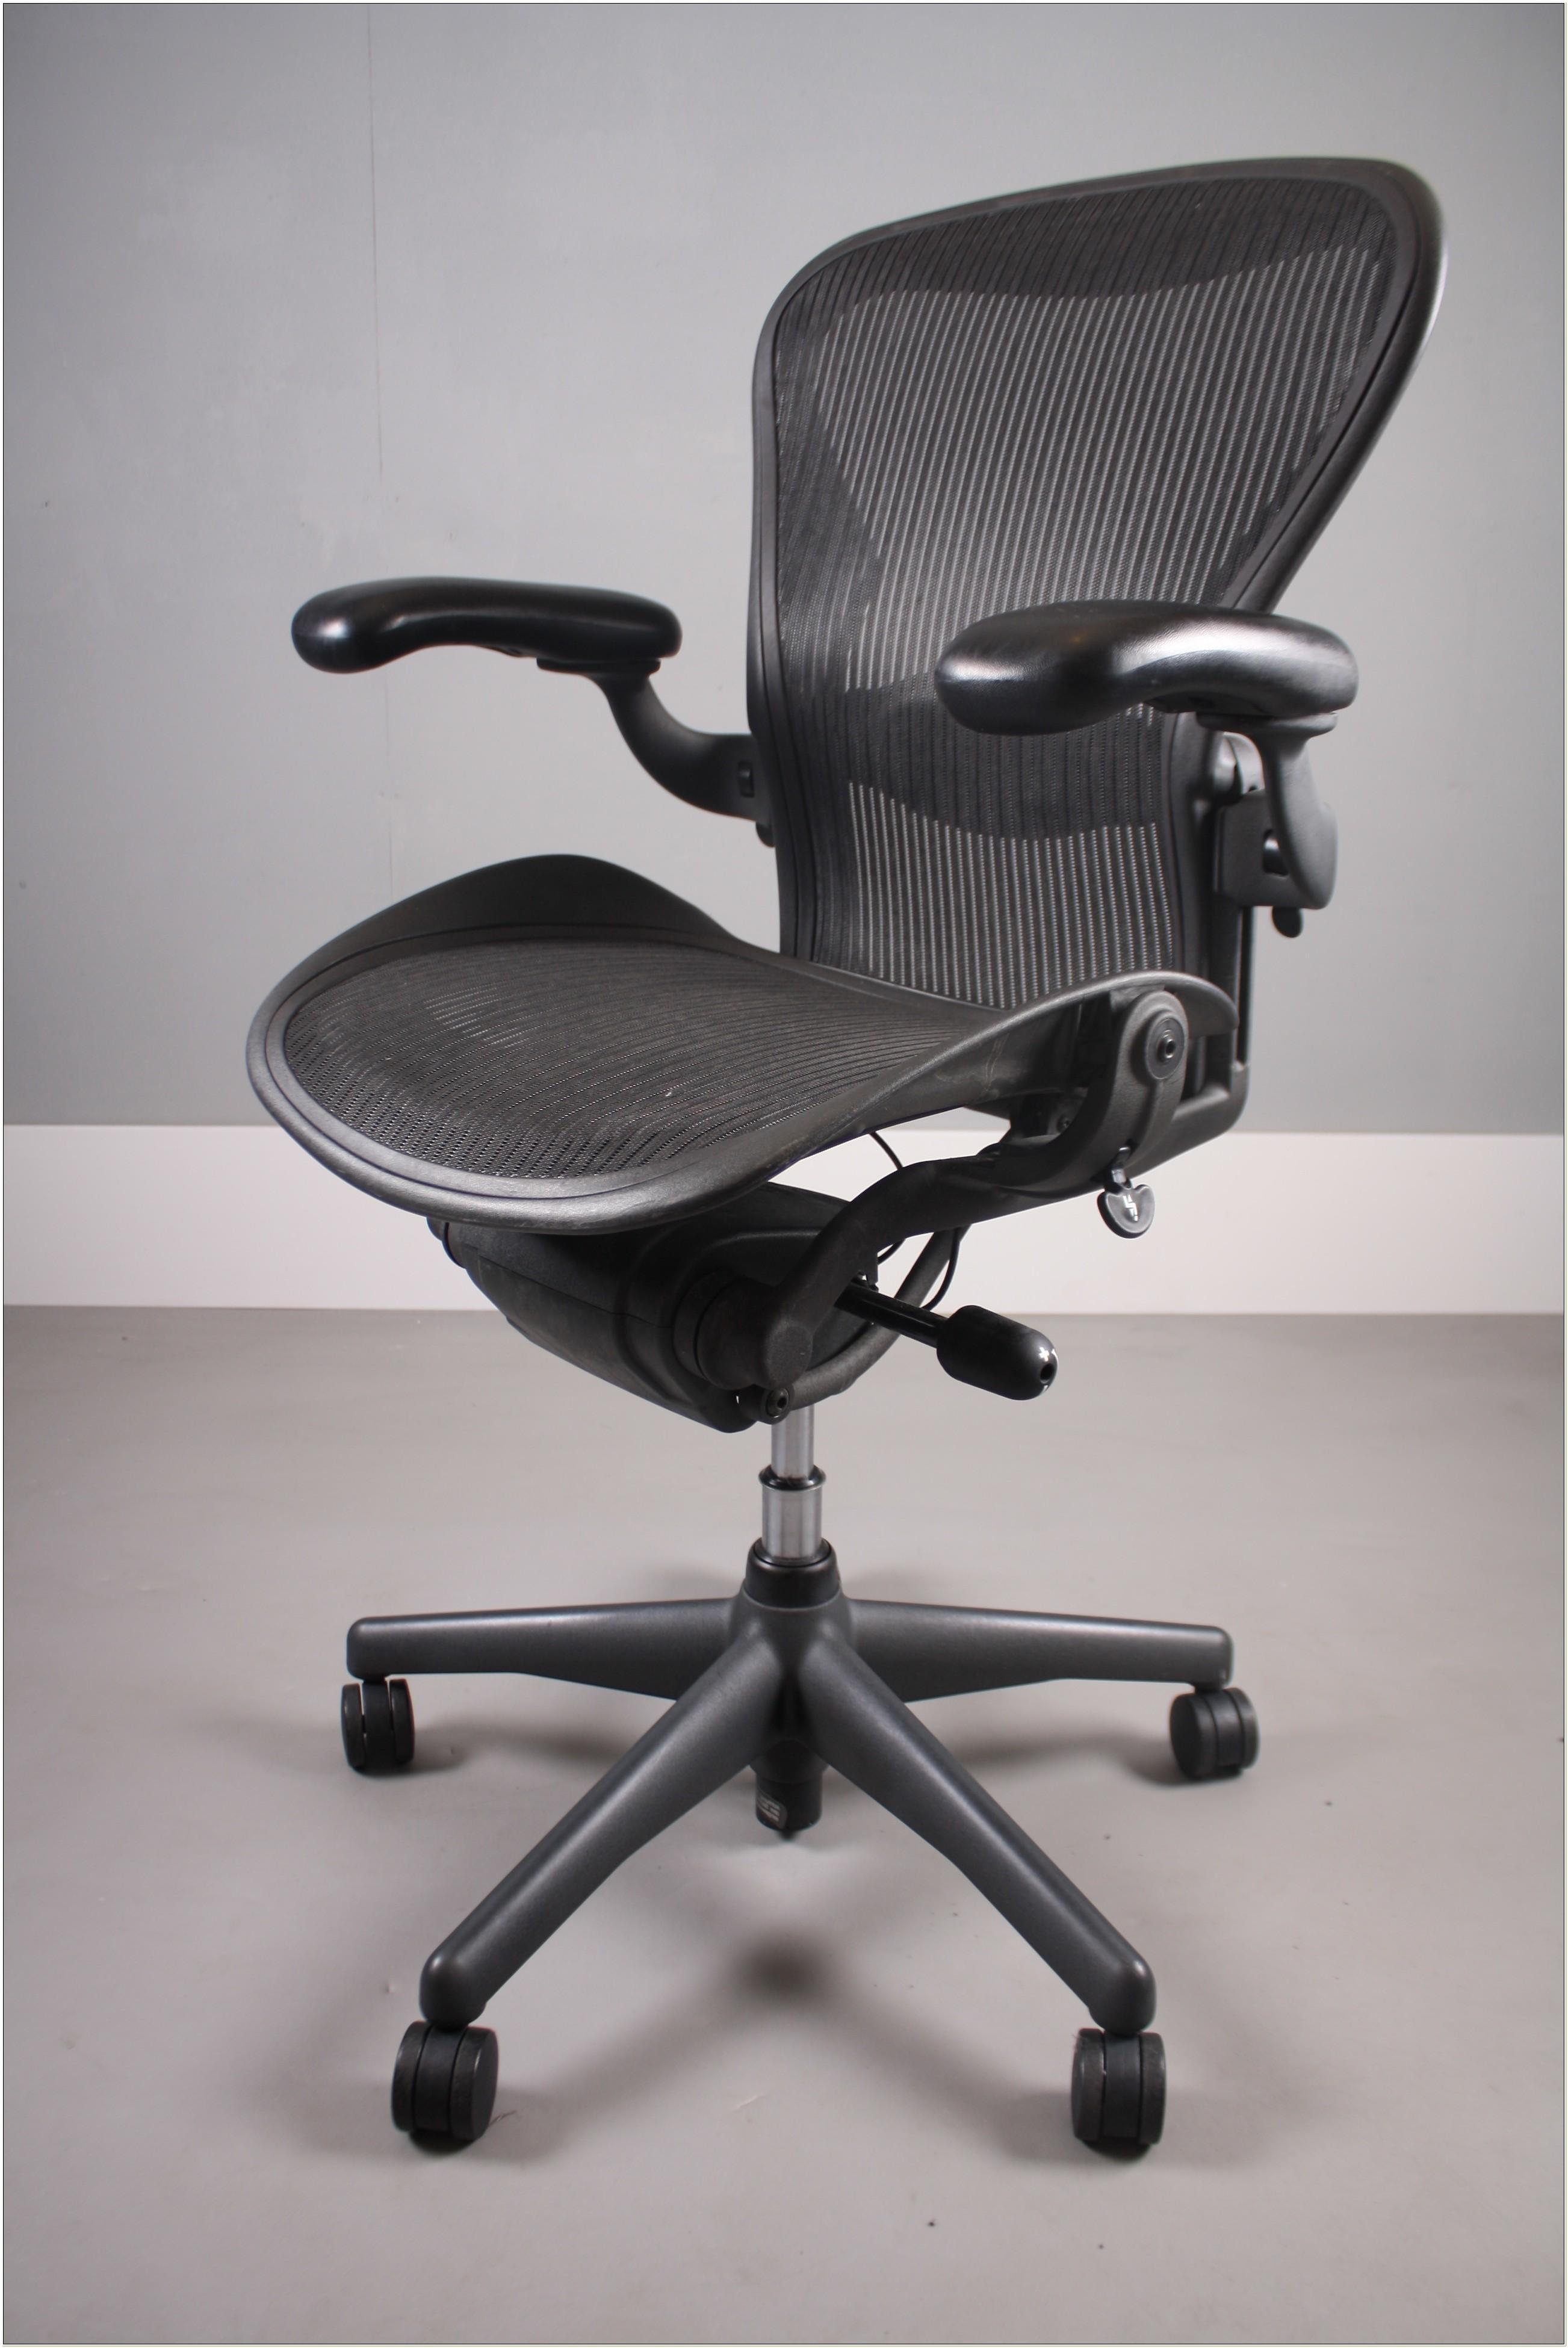 Used Herman Miller Aeron Chairs Uk